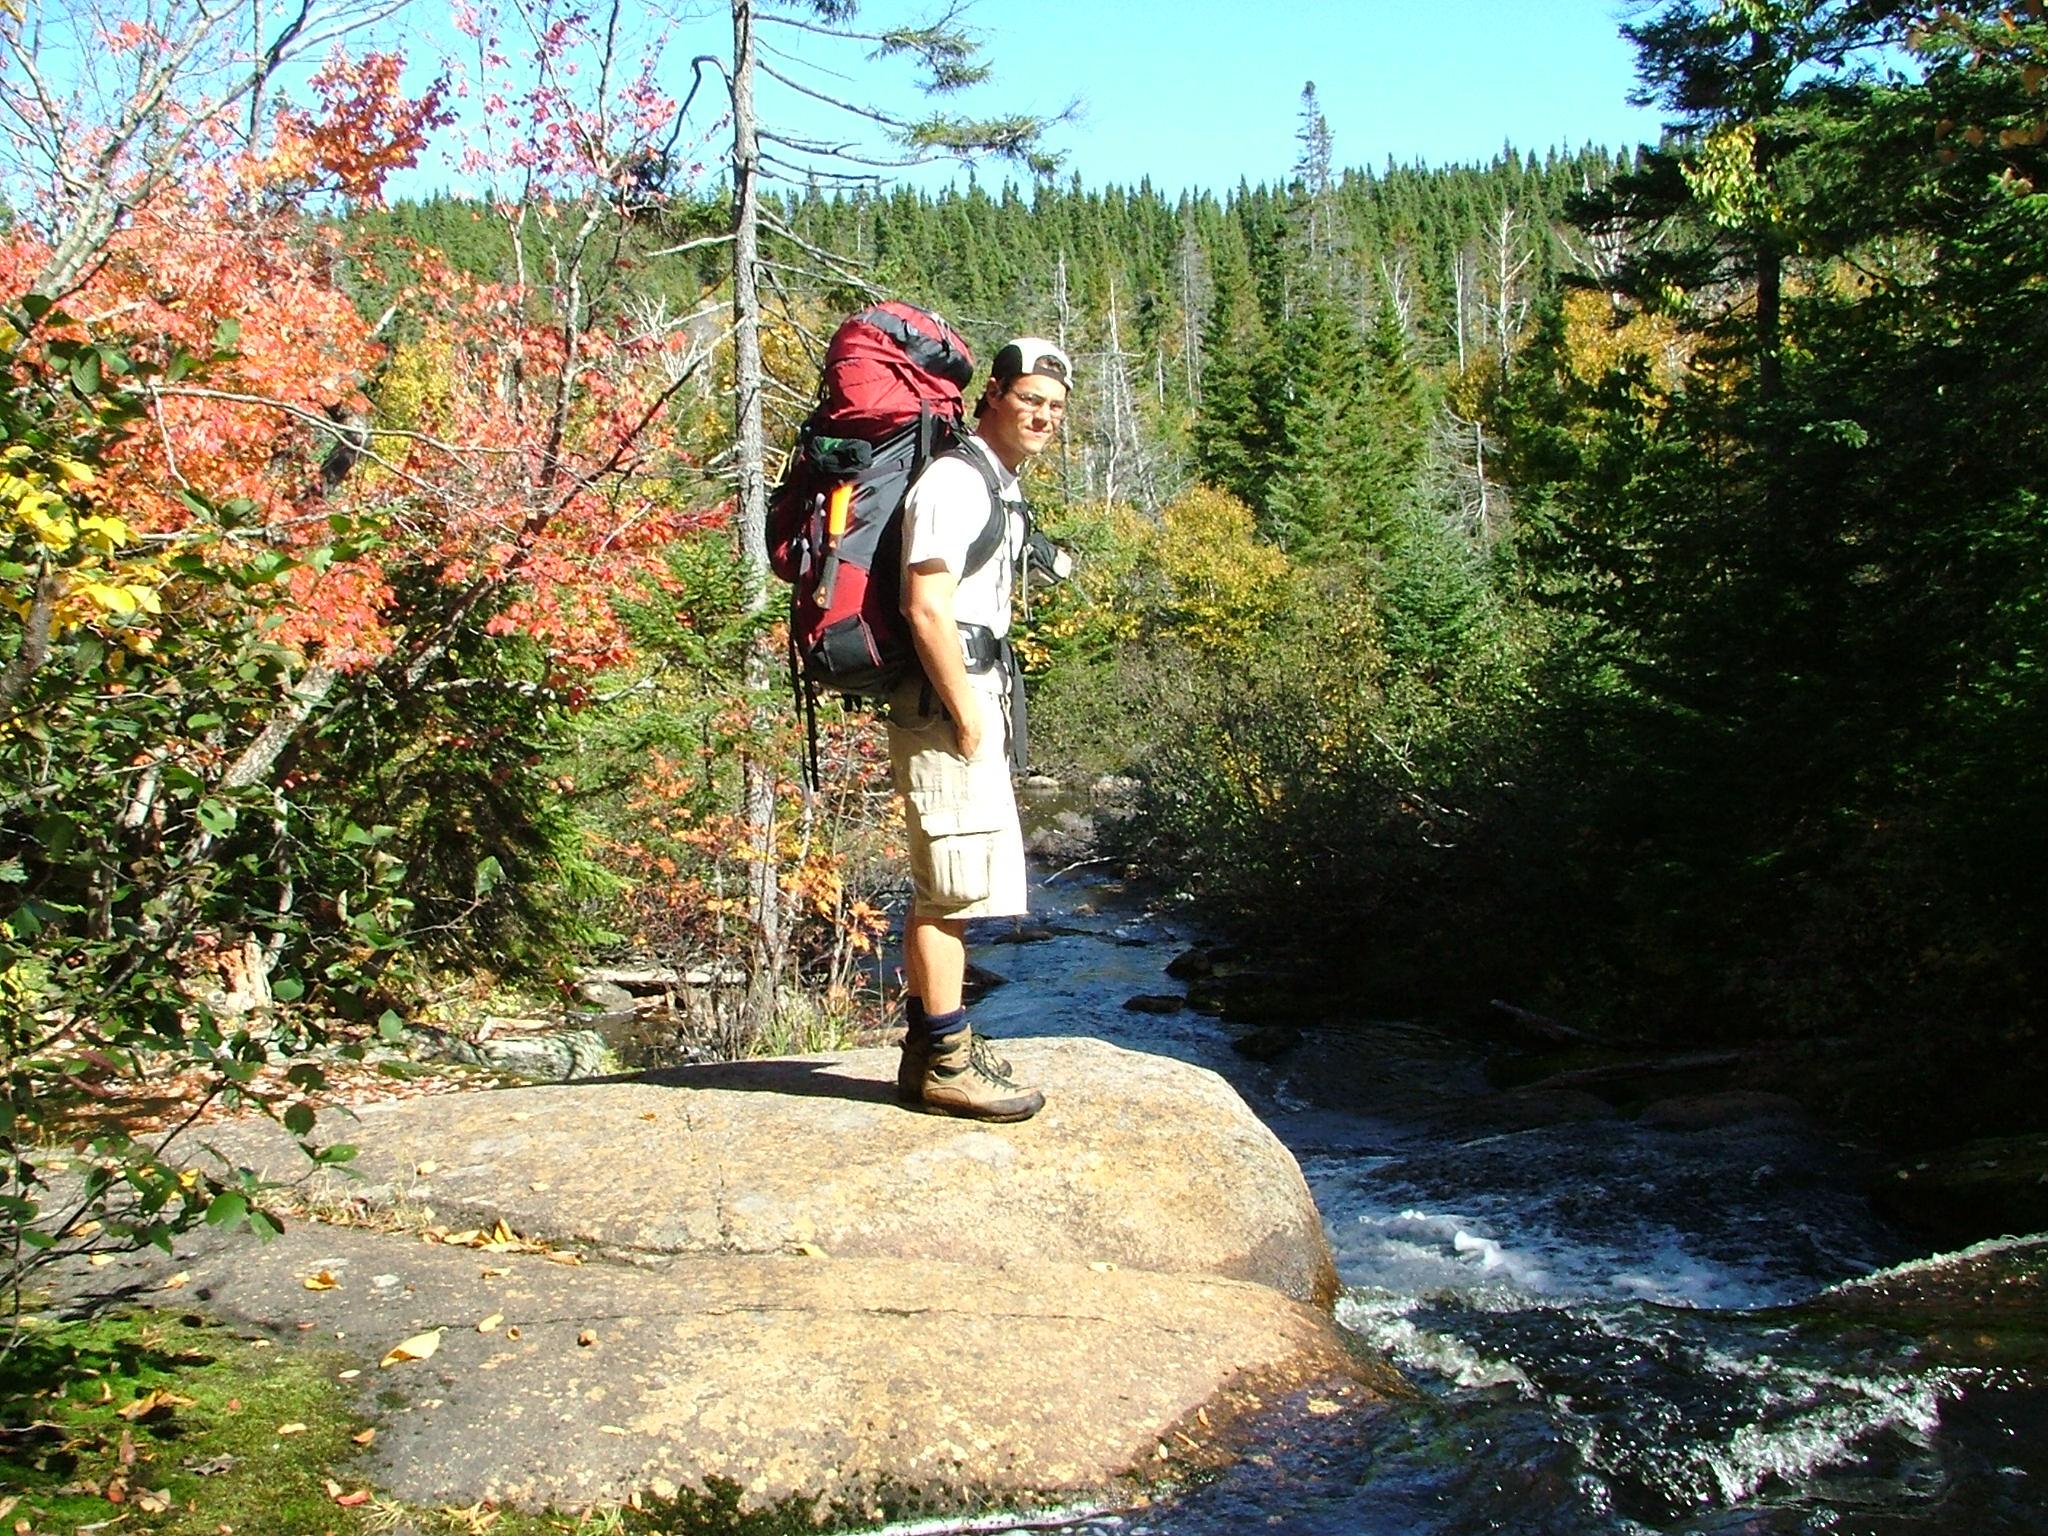 Randonnée pédestre en automne